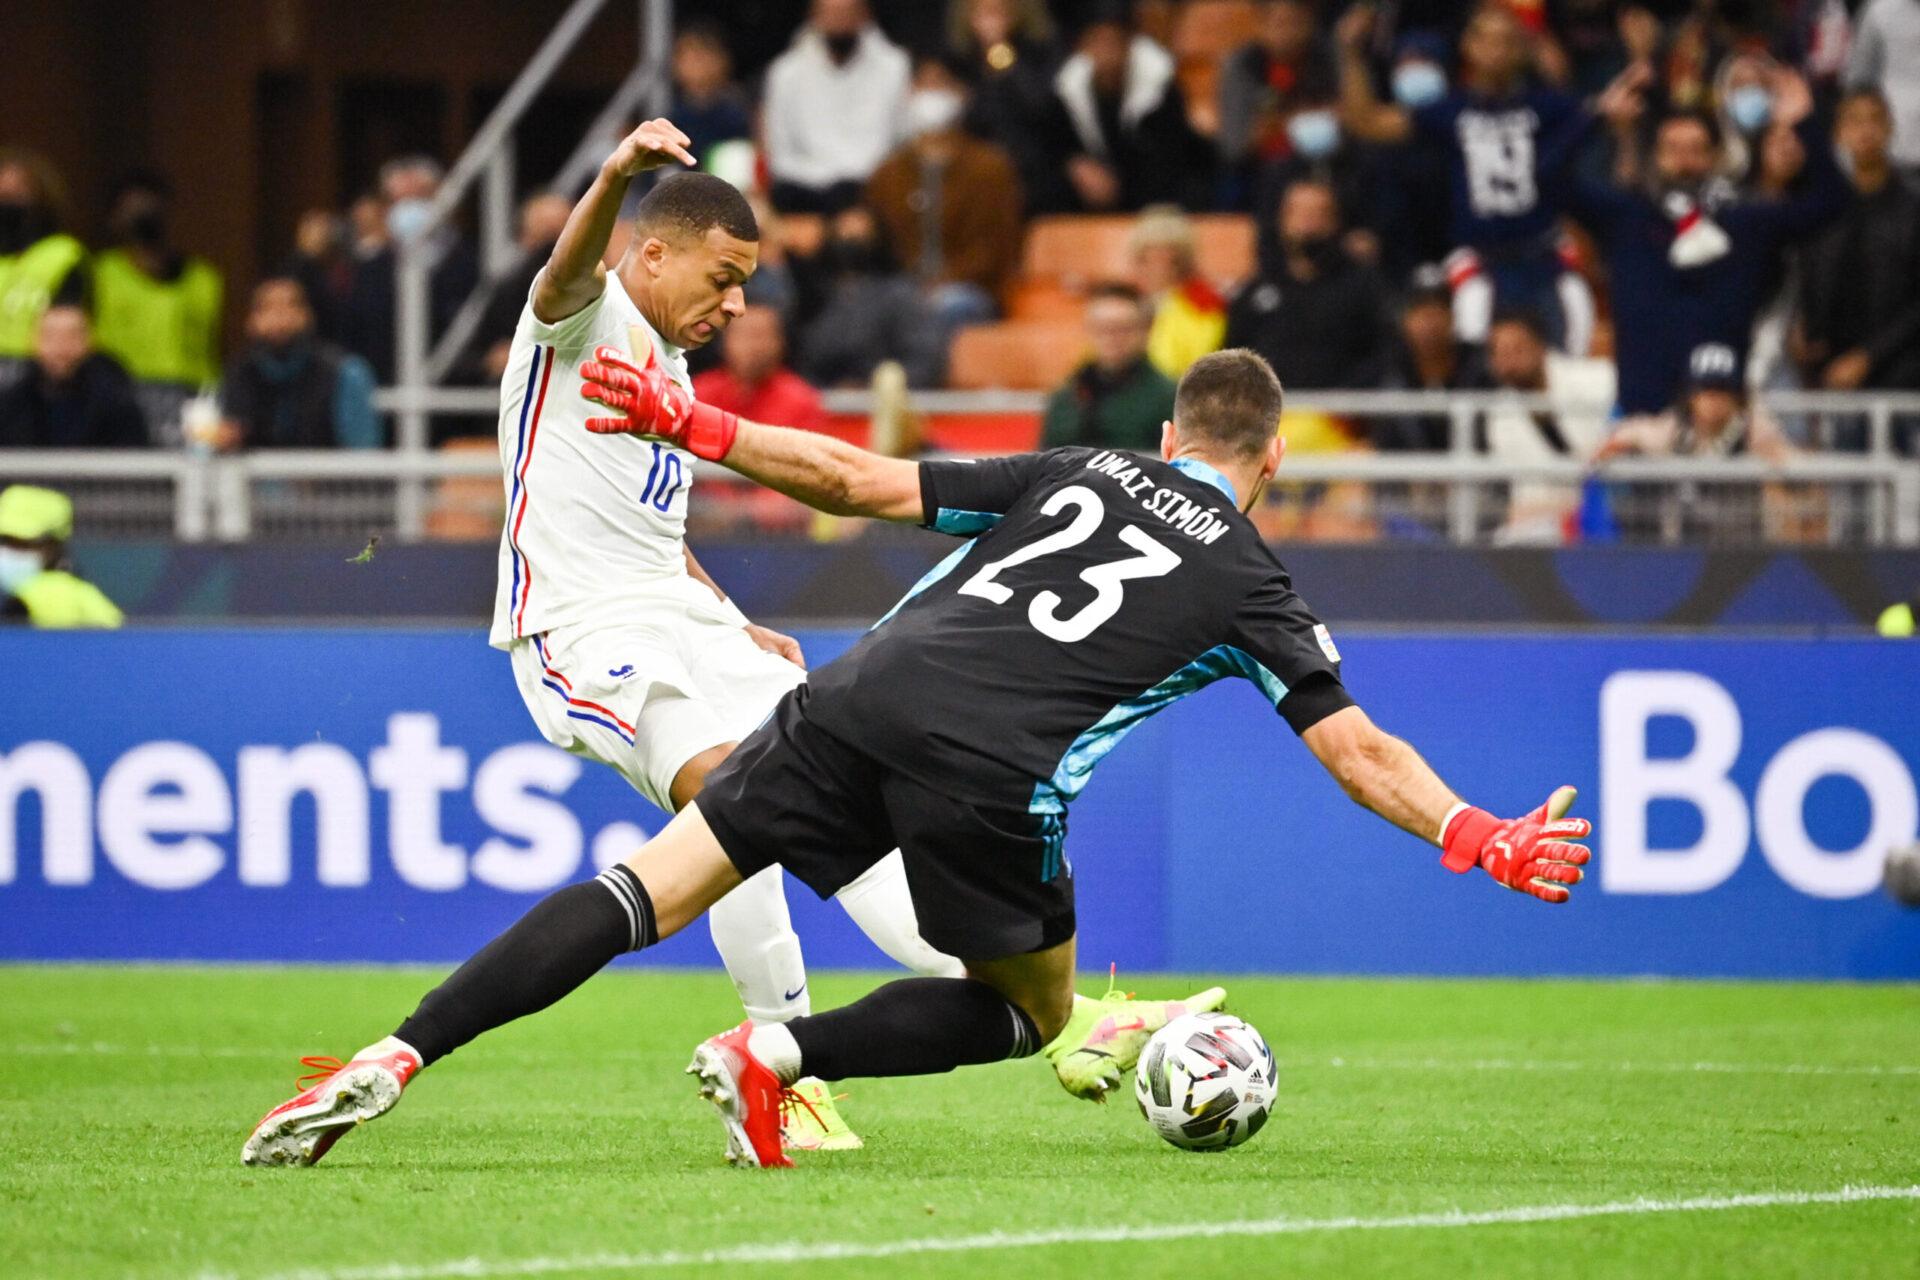 Le but de Kylian Mbappé en finale de Ligue des nations considéré valide par l'équipe arbitrale fait polémique (iconsport)